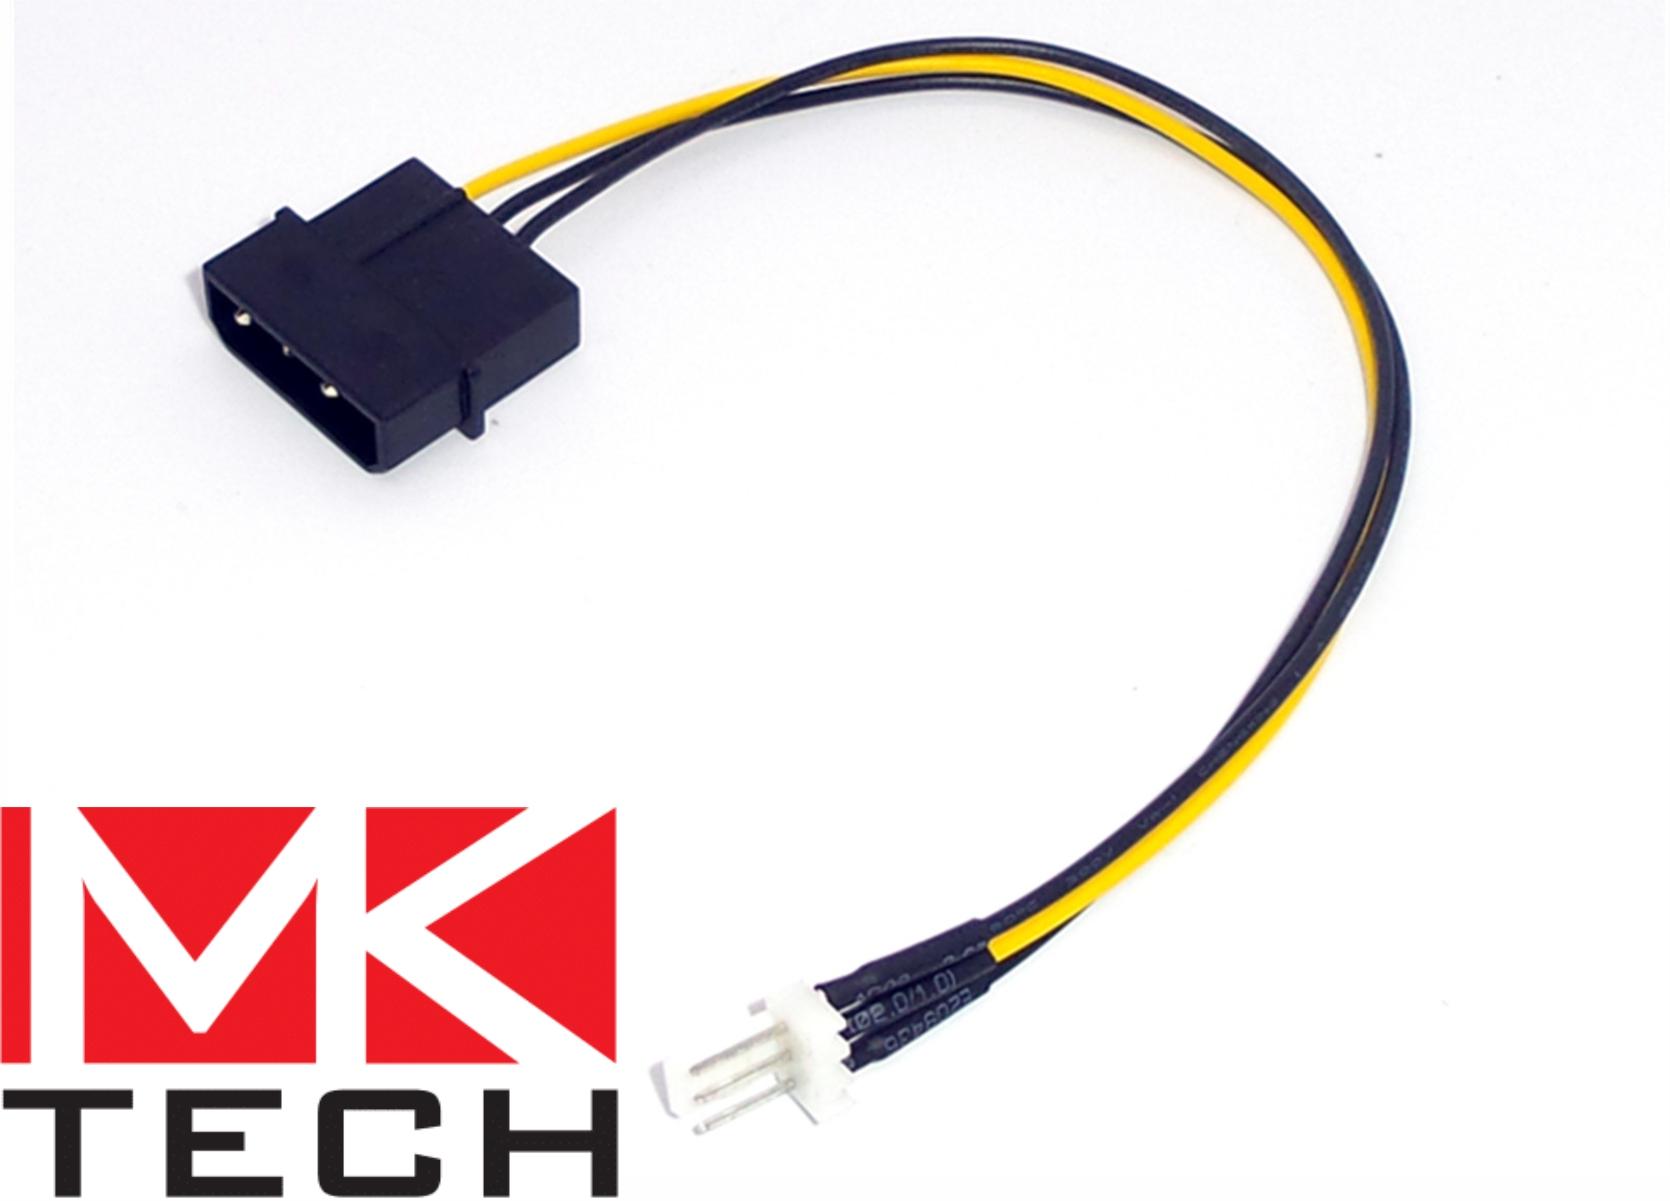 Molex to 3-pin Fan MKTECH